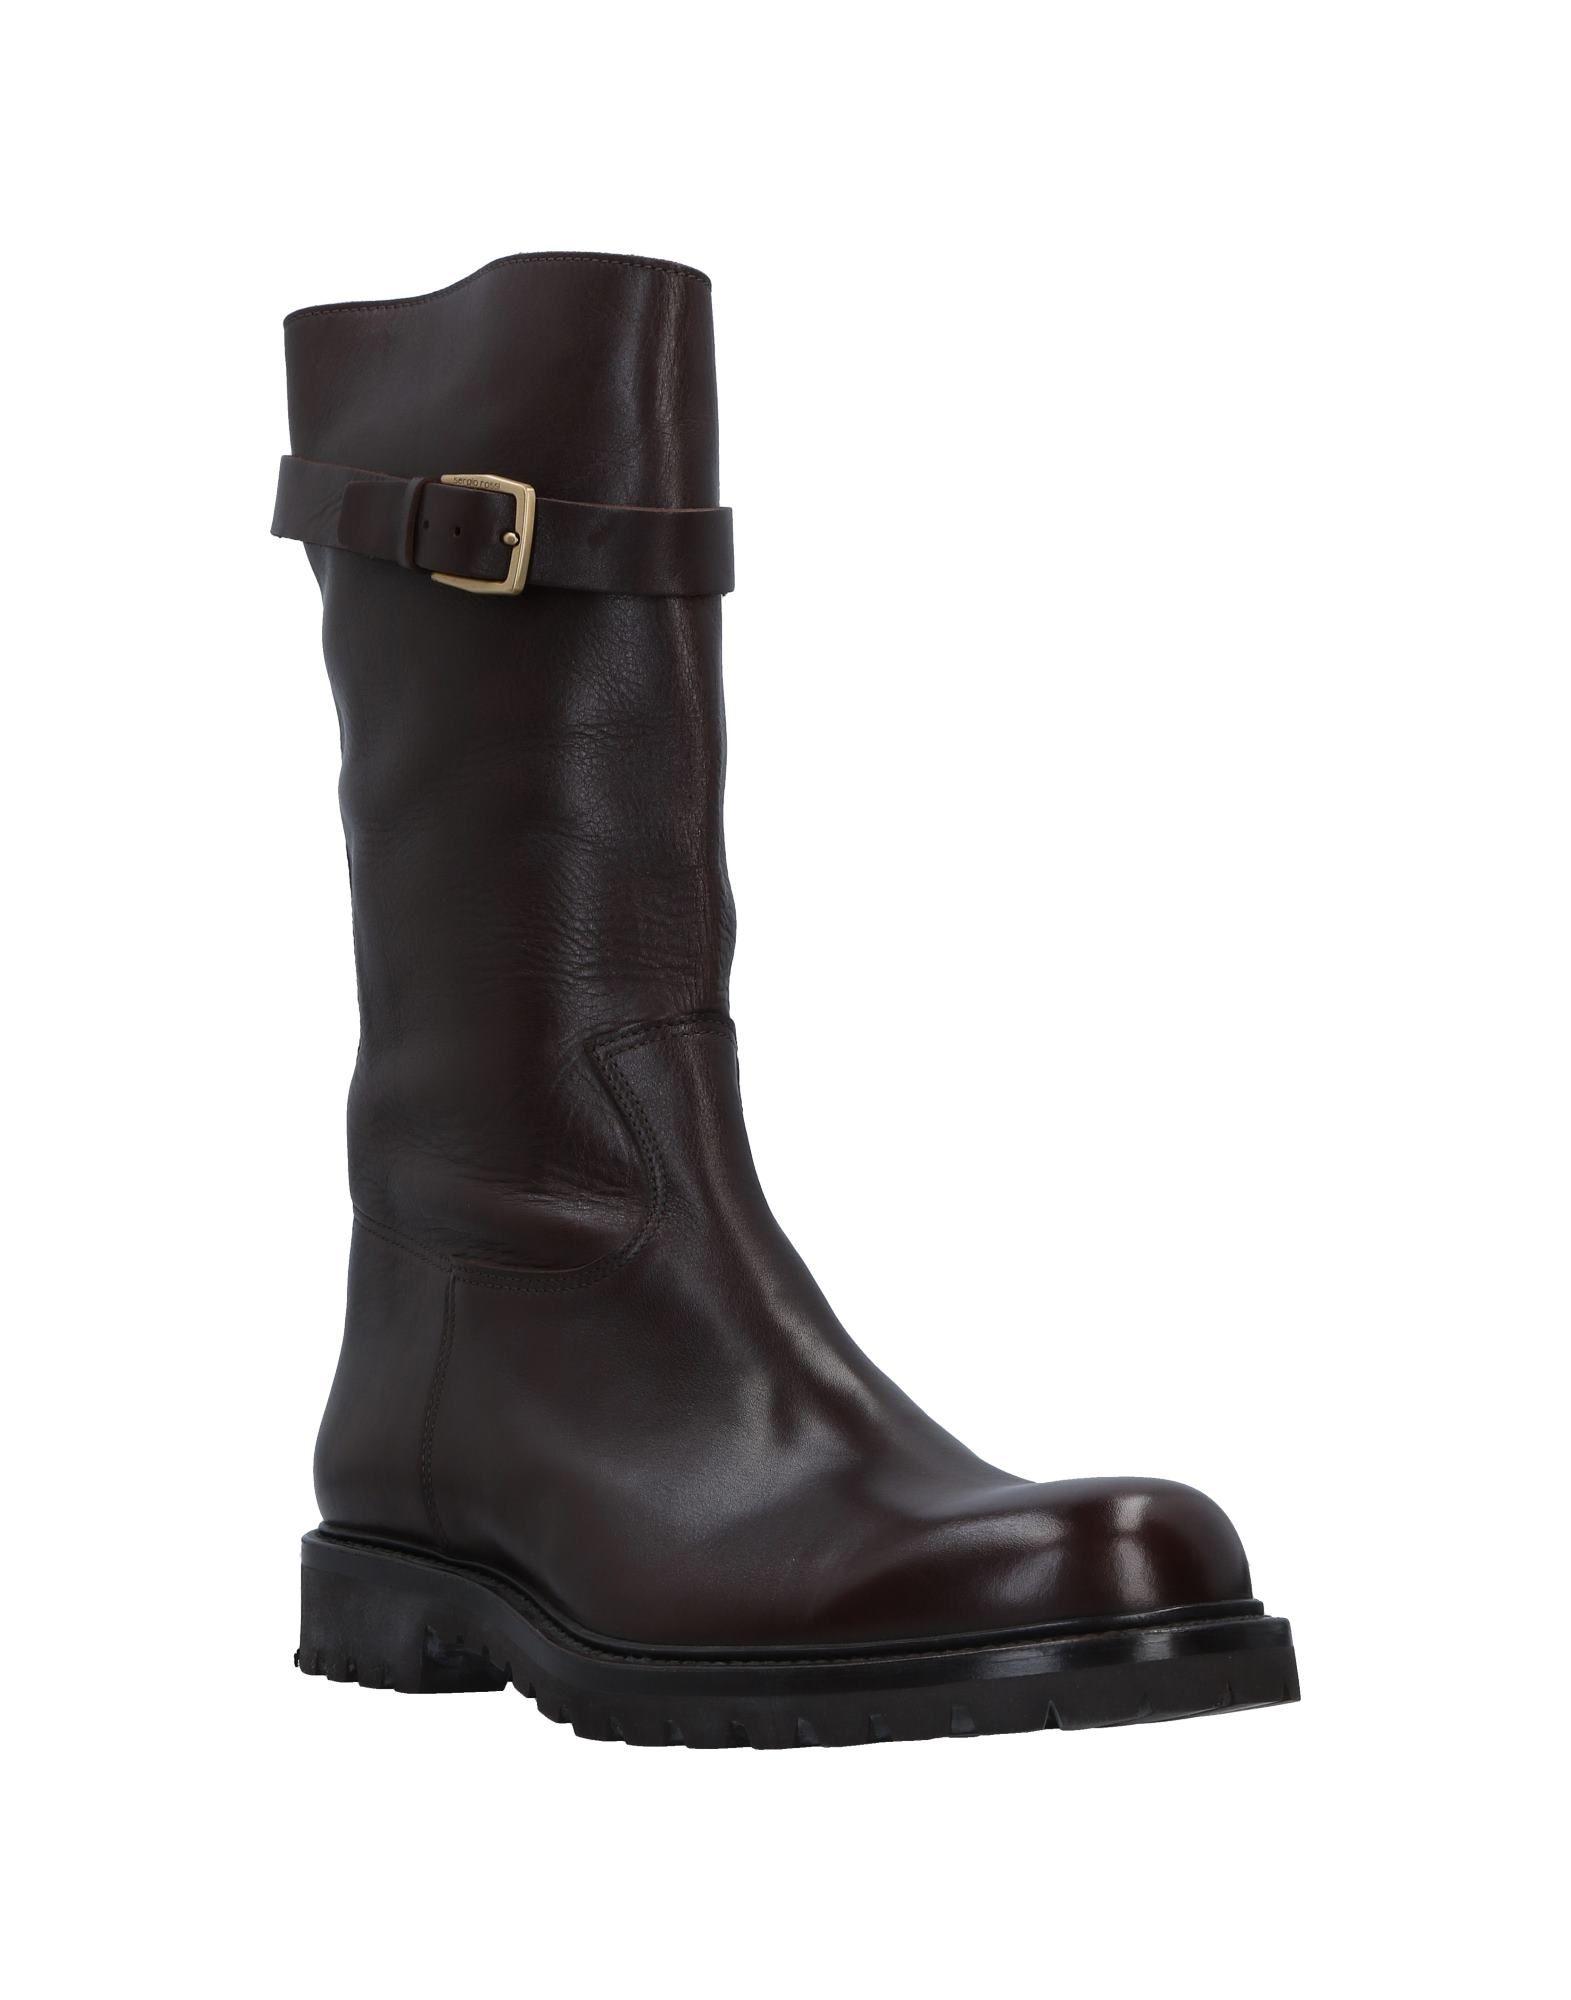 sergio rossi bottes bottes - hommes sergio rossi bottes rossi en ligne sur l'australie - 11522743hj ef9547